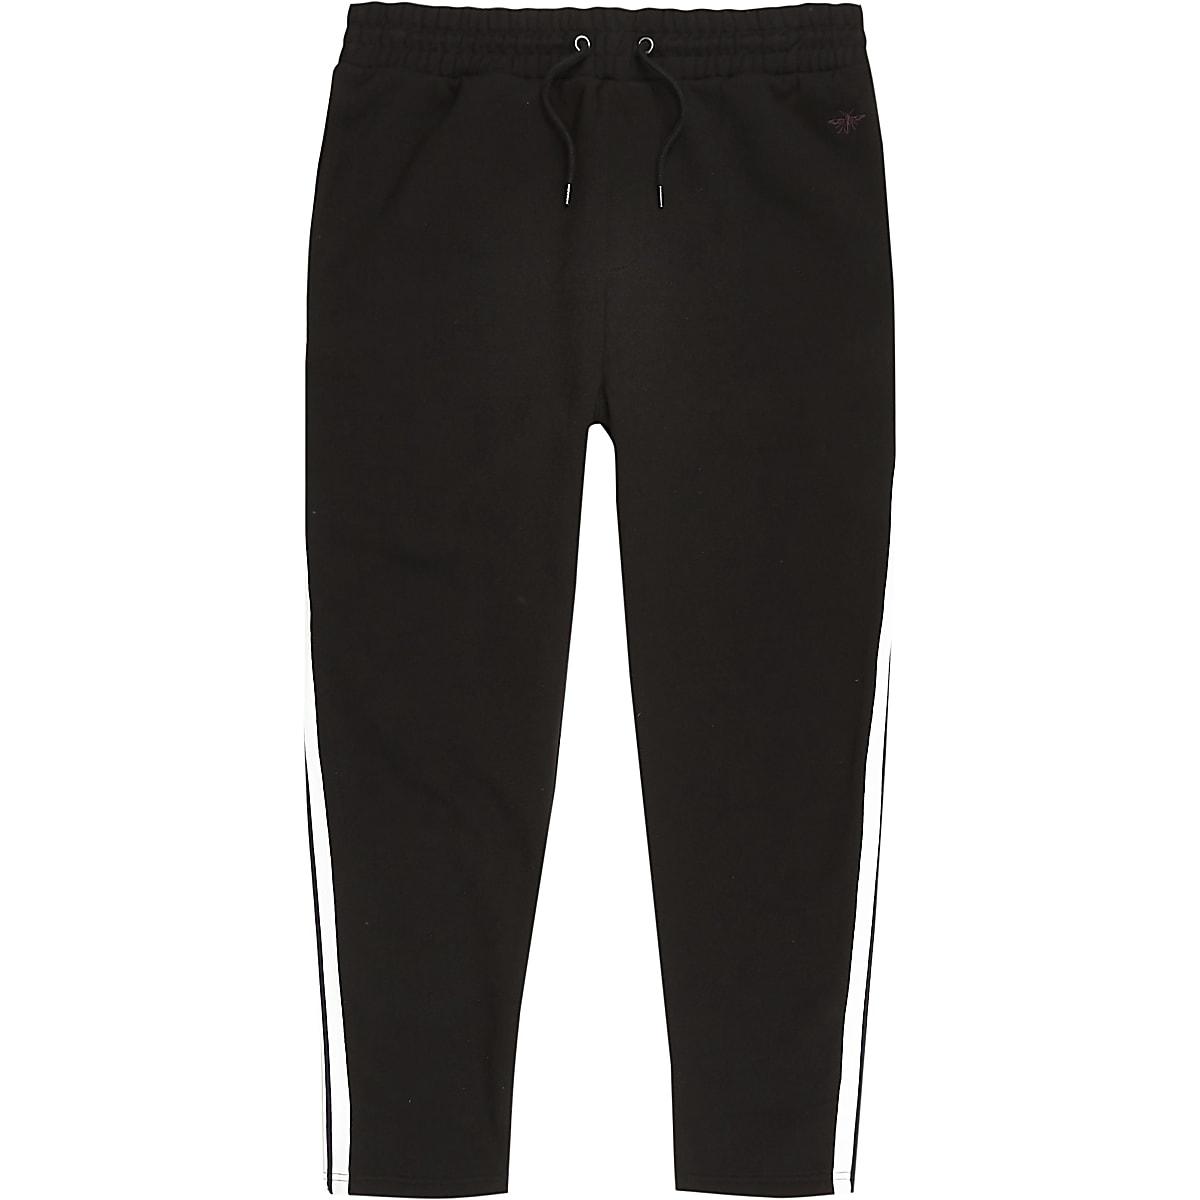 397cbfb48cfb Black tape side slim fit joggers - Joggers - men